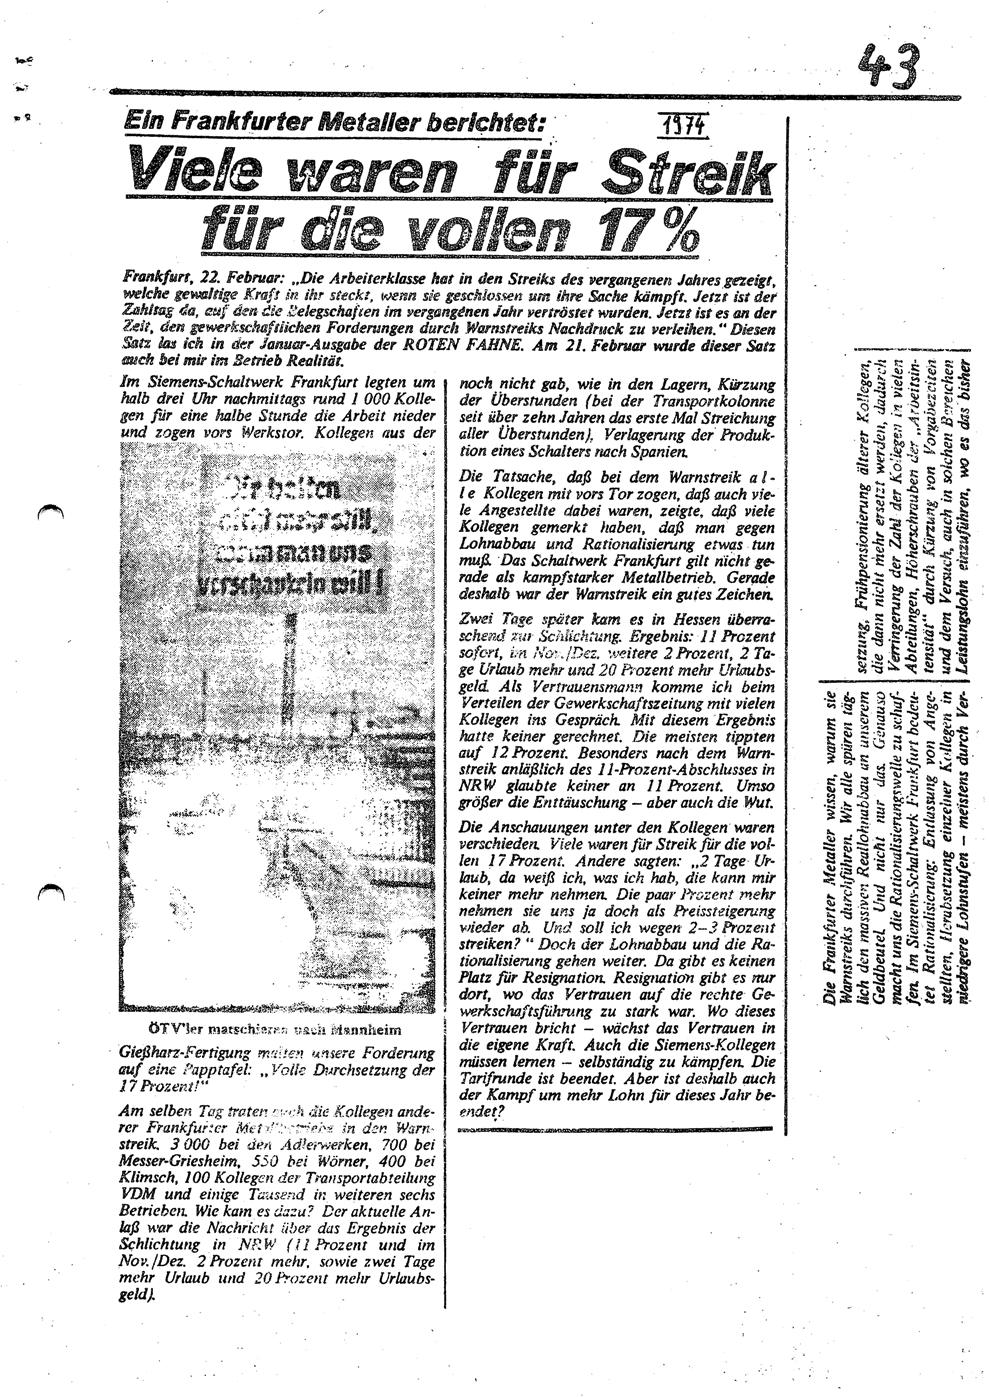 KABRW_Arbeitshefte_1977_25_042